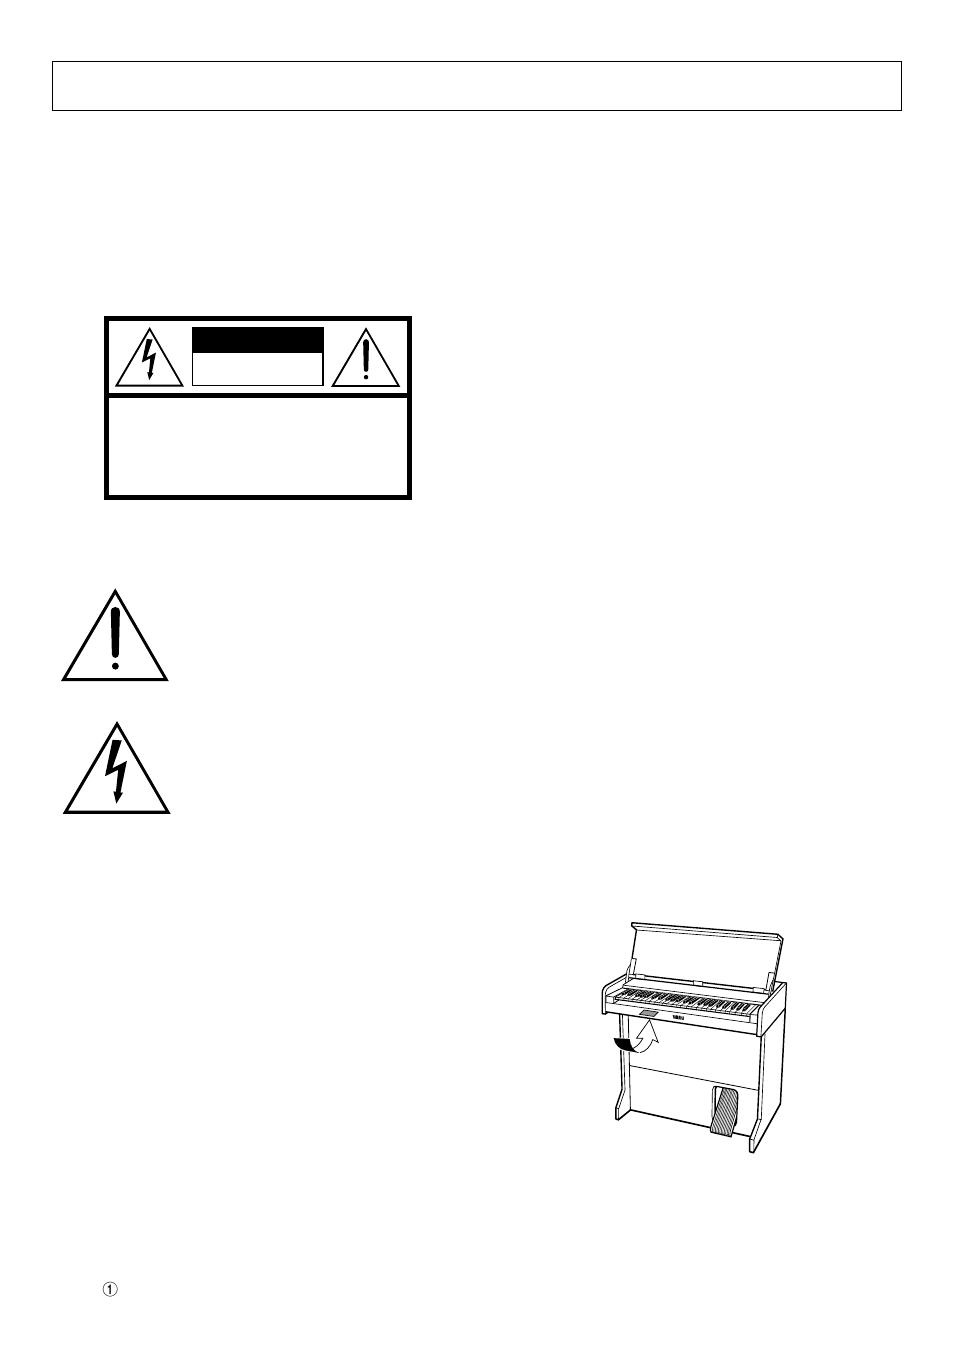 medium resolution of yamaha wiring symbol